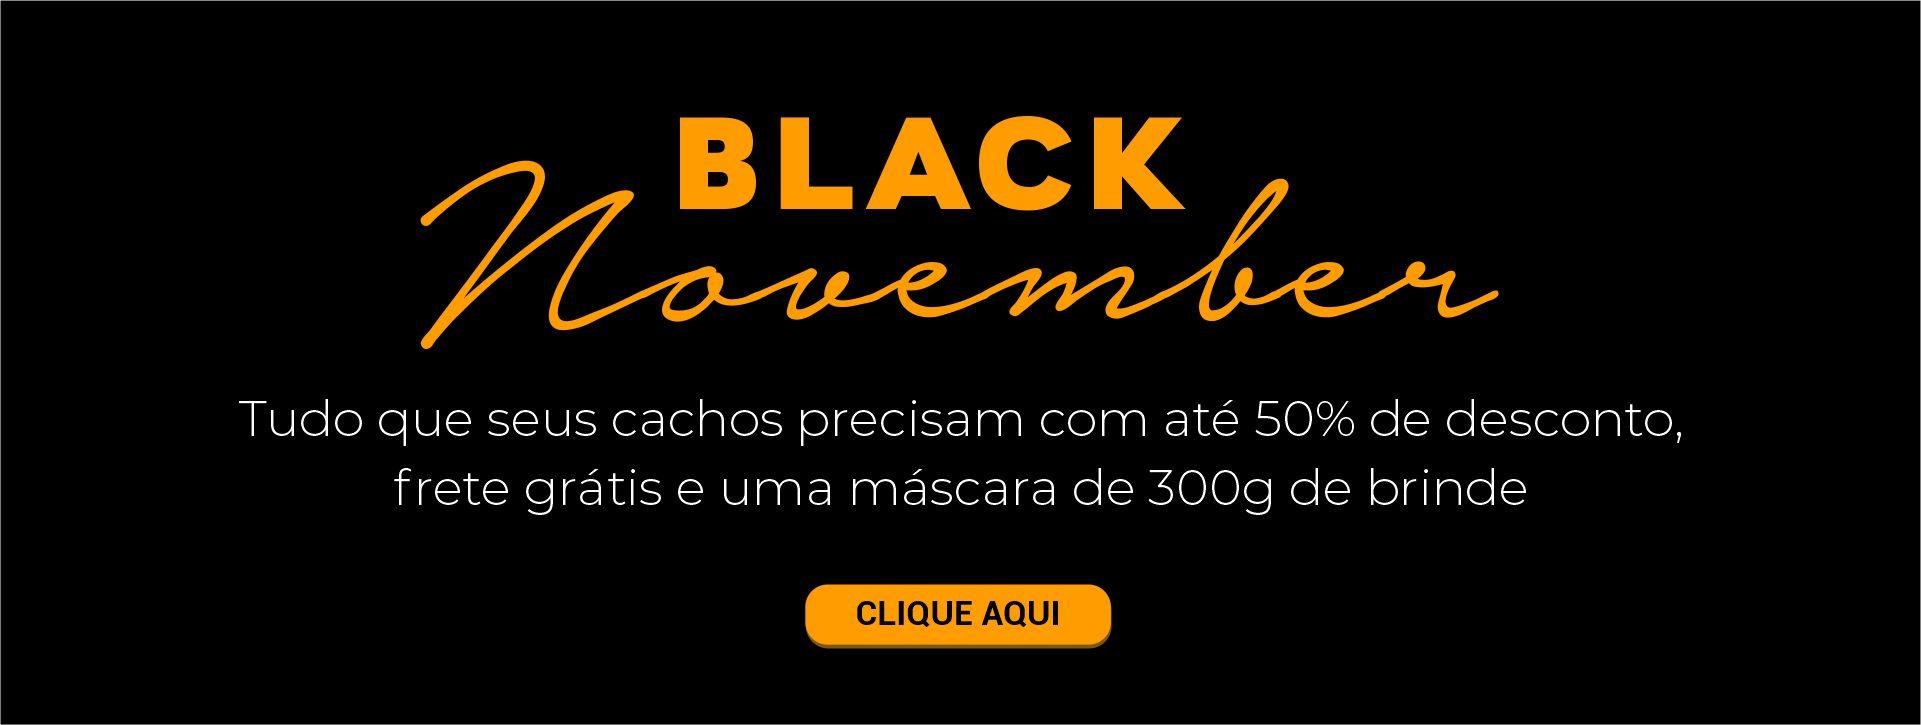 Bela Berê - Black Friday Bela Berê